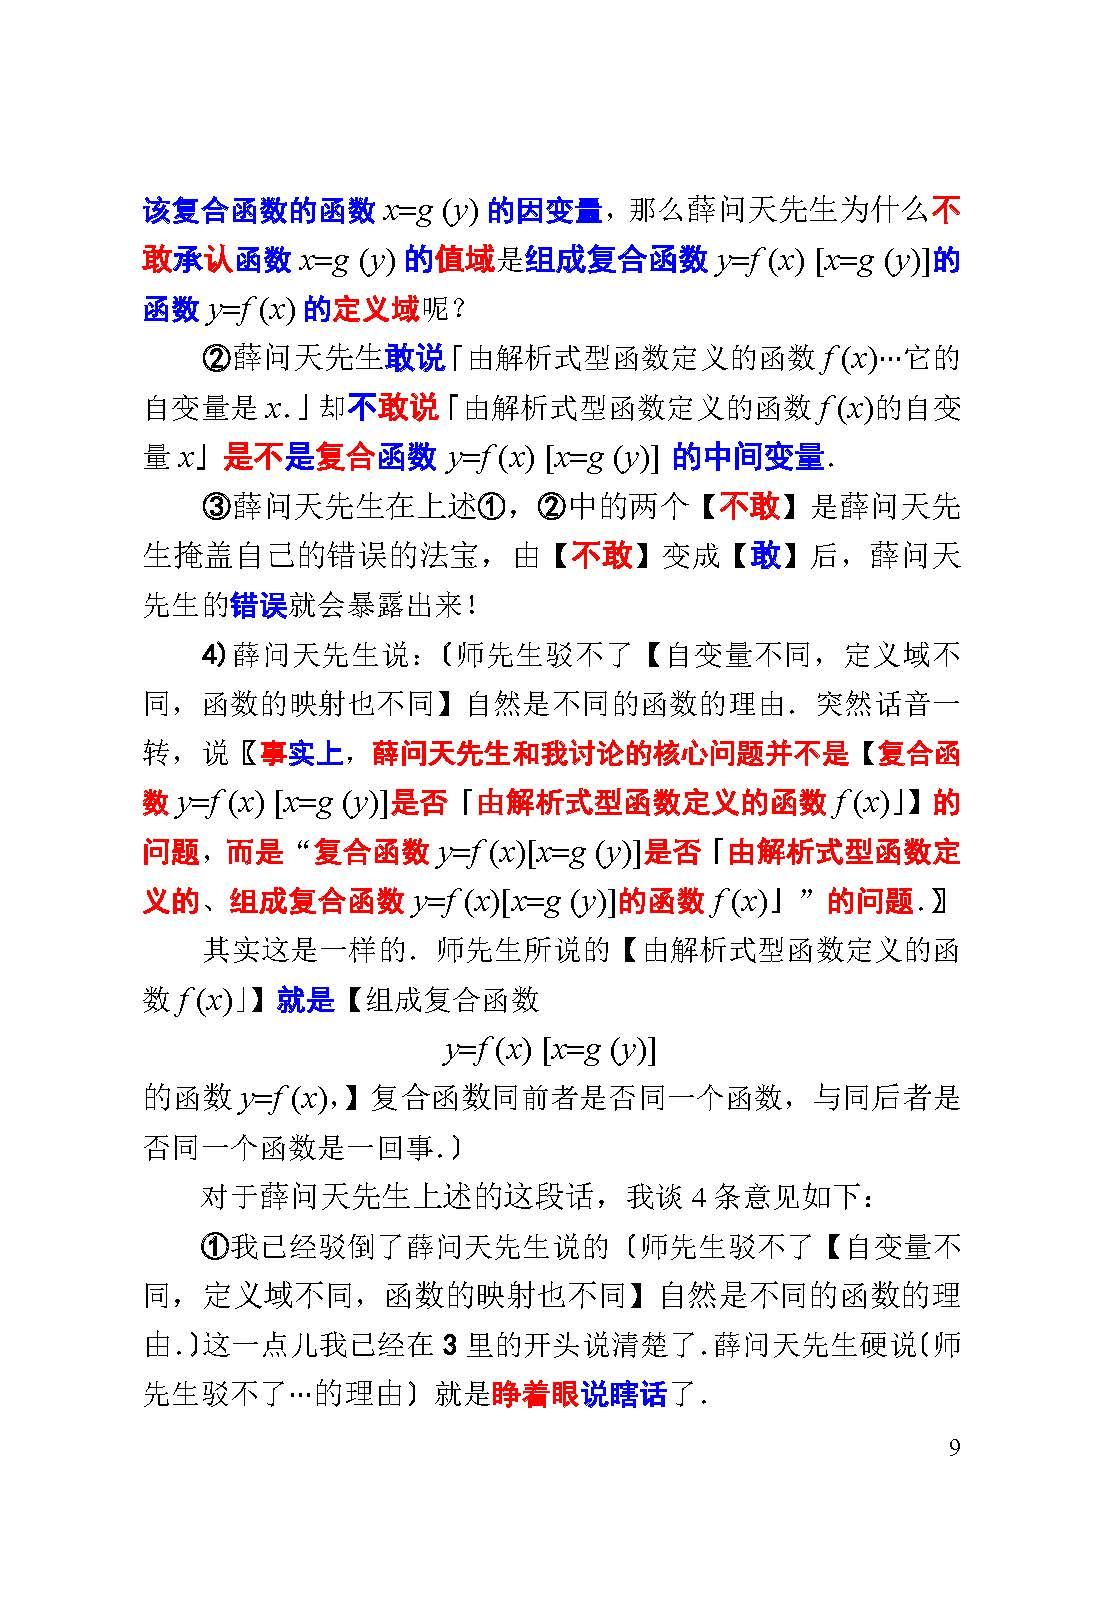 评薛问天先生的文章0408_页面_09.jpg